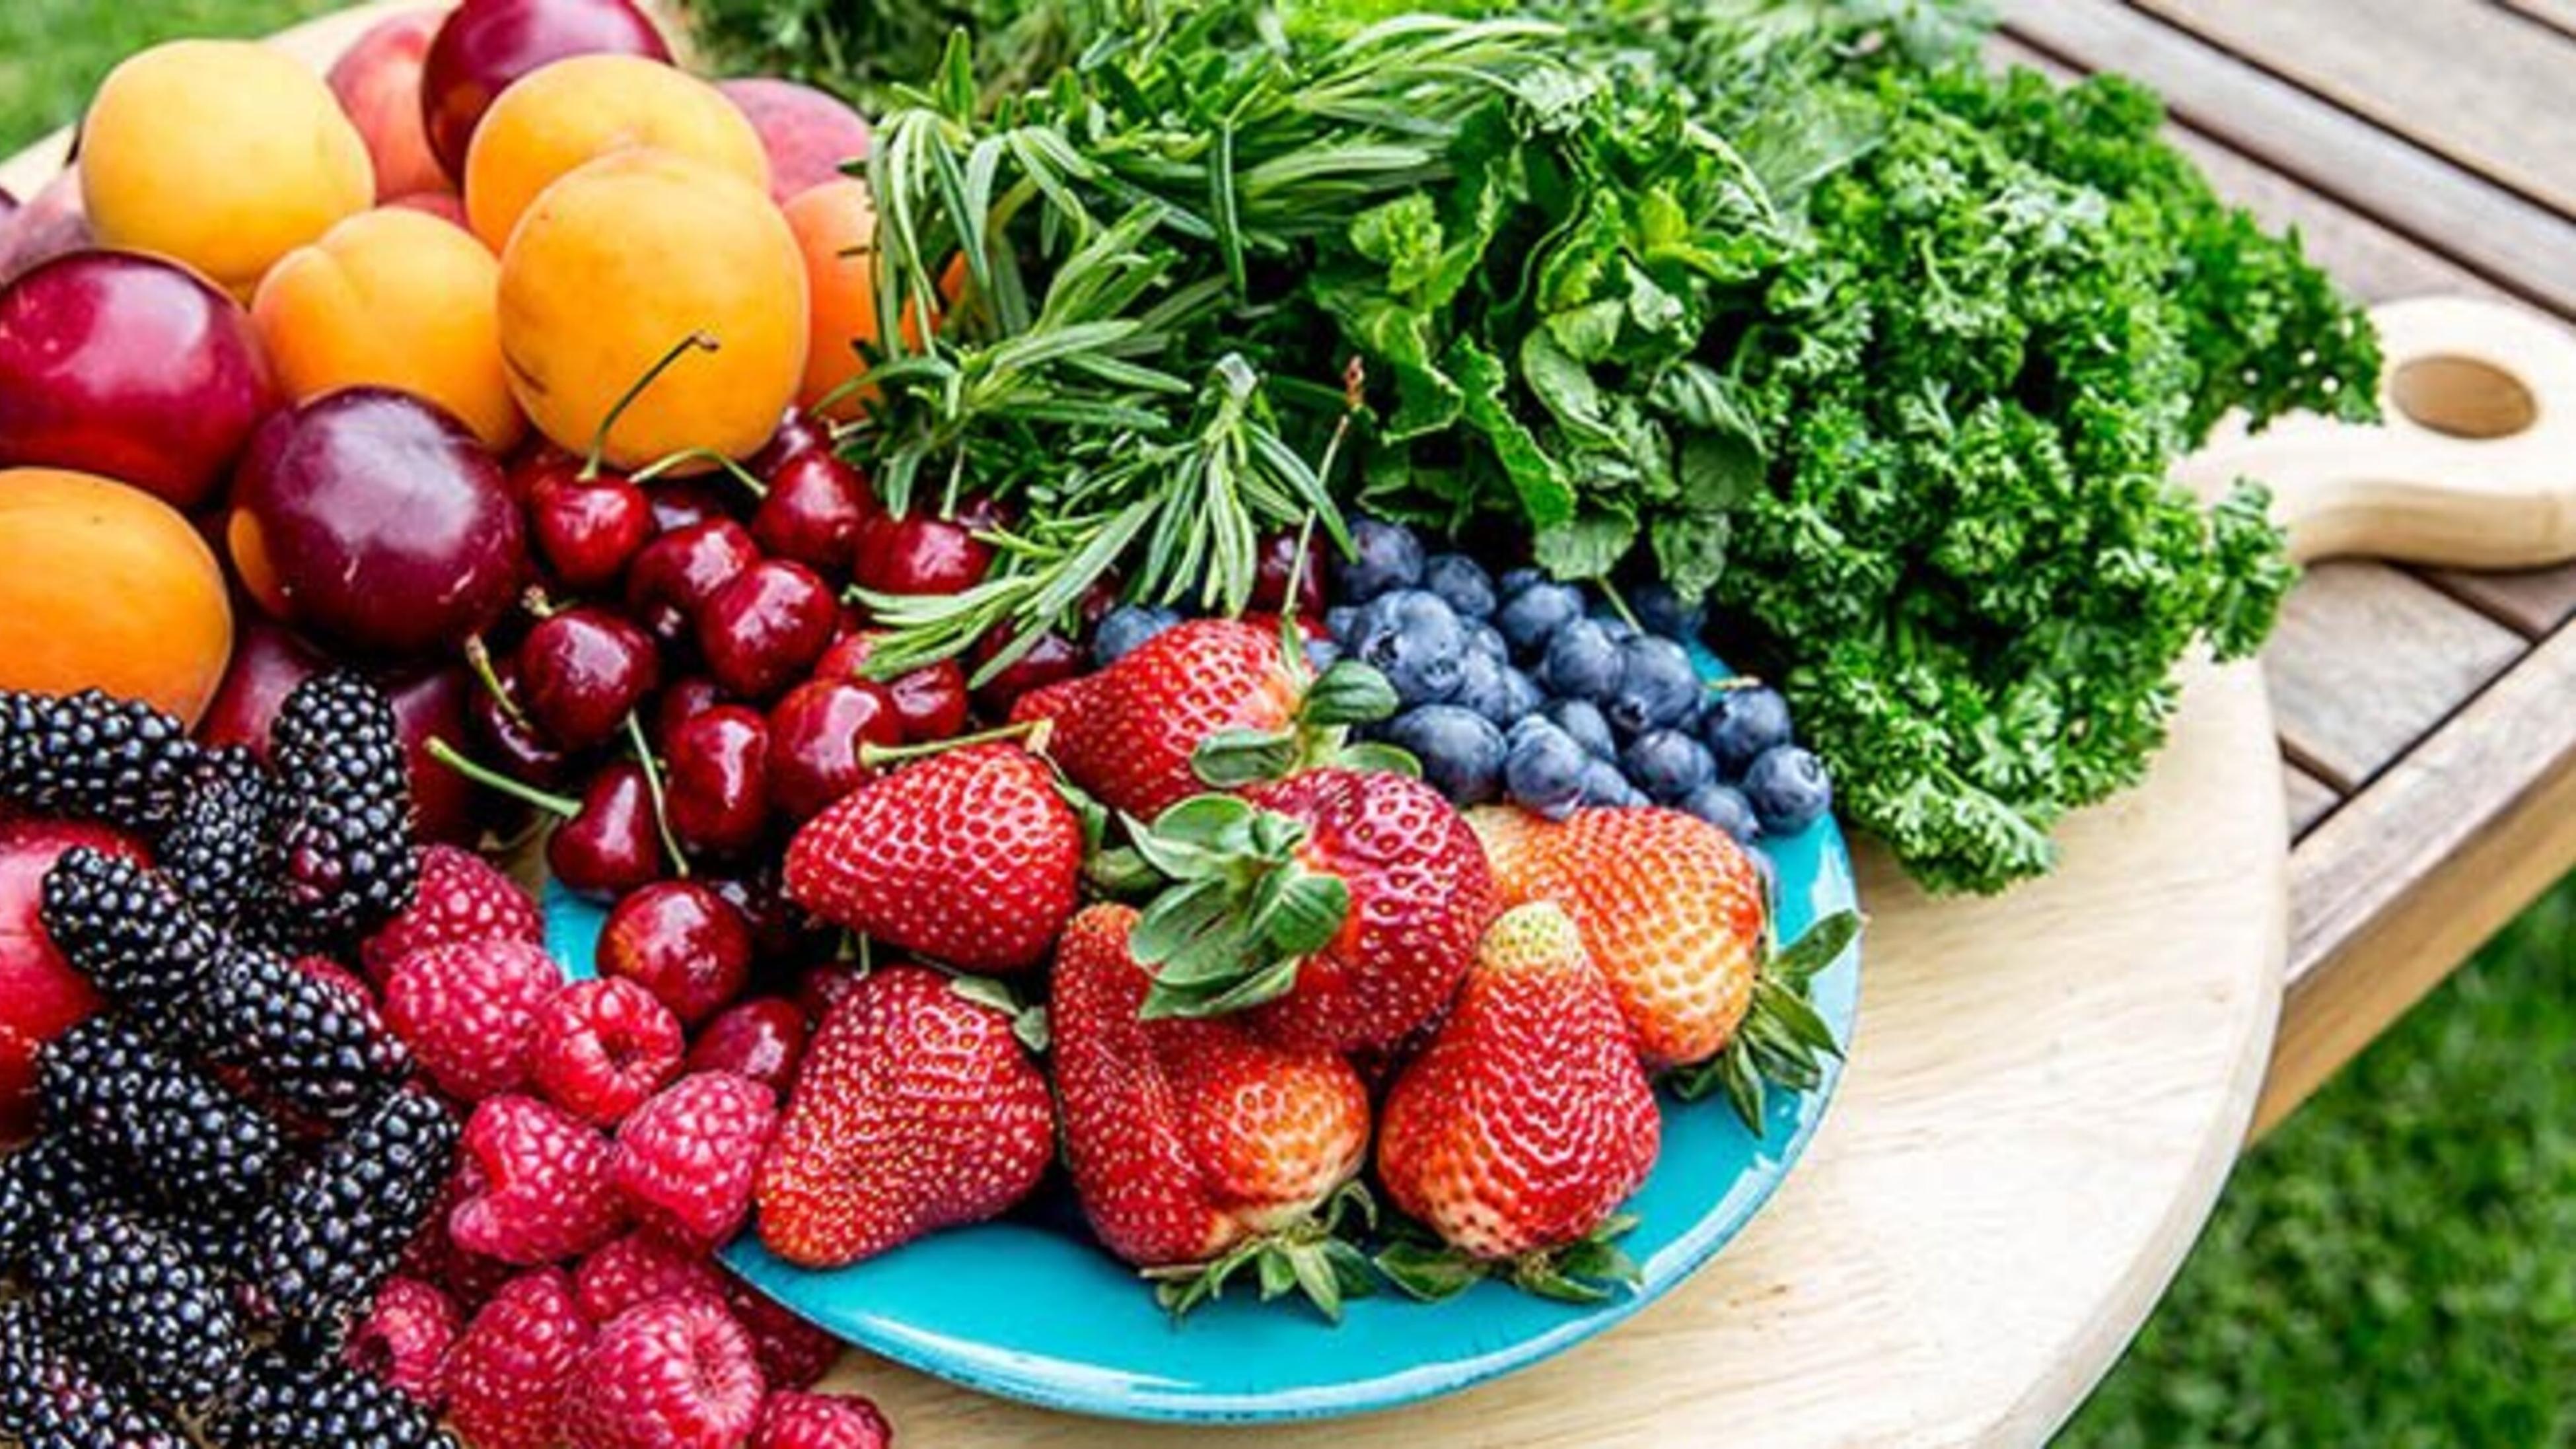 Harvested fruit and vegetables including blackberries, raspberries, strawberries, blueberries and cherries.